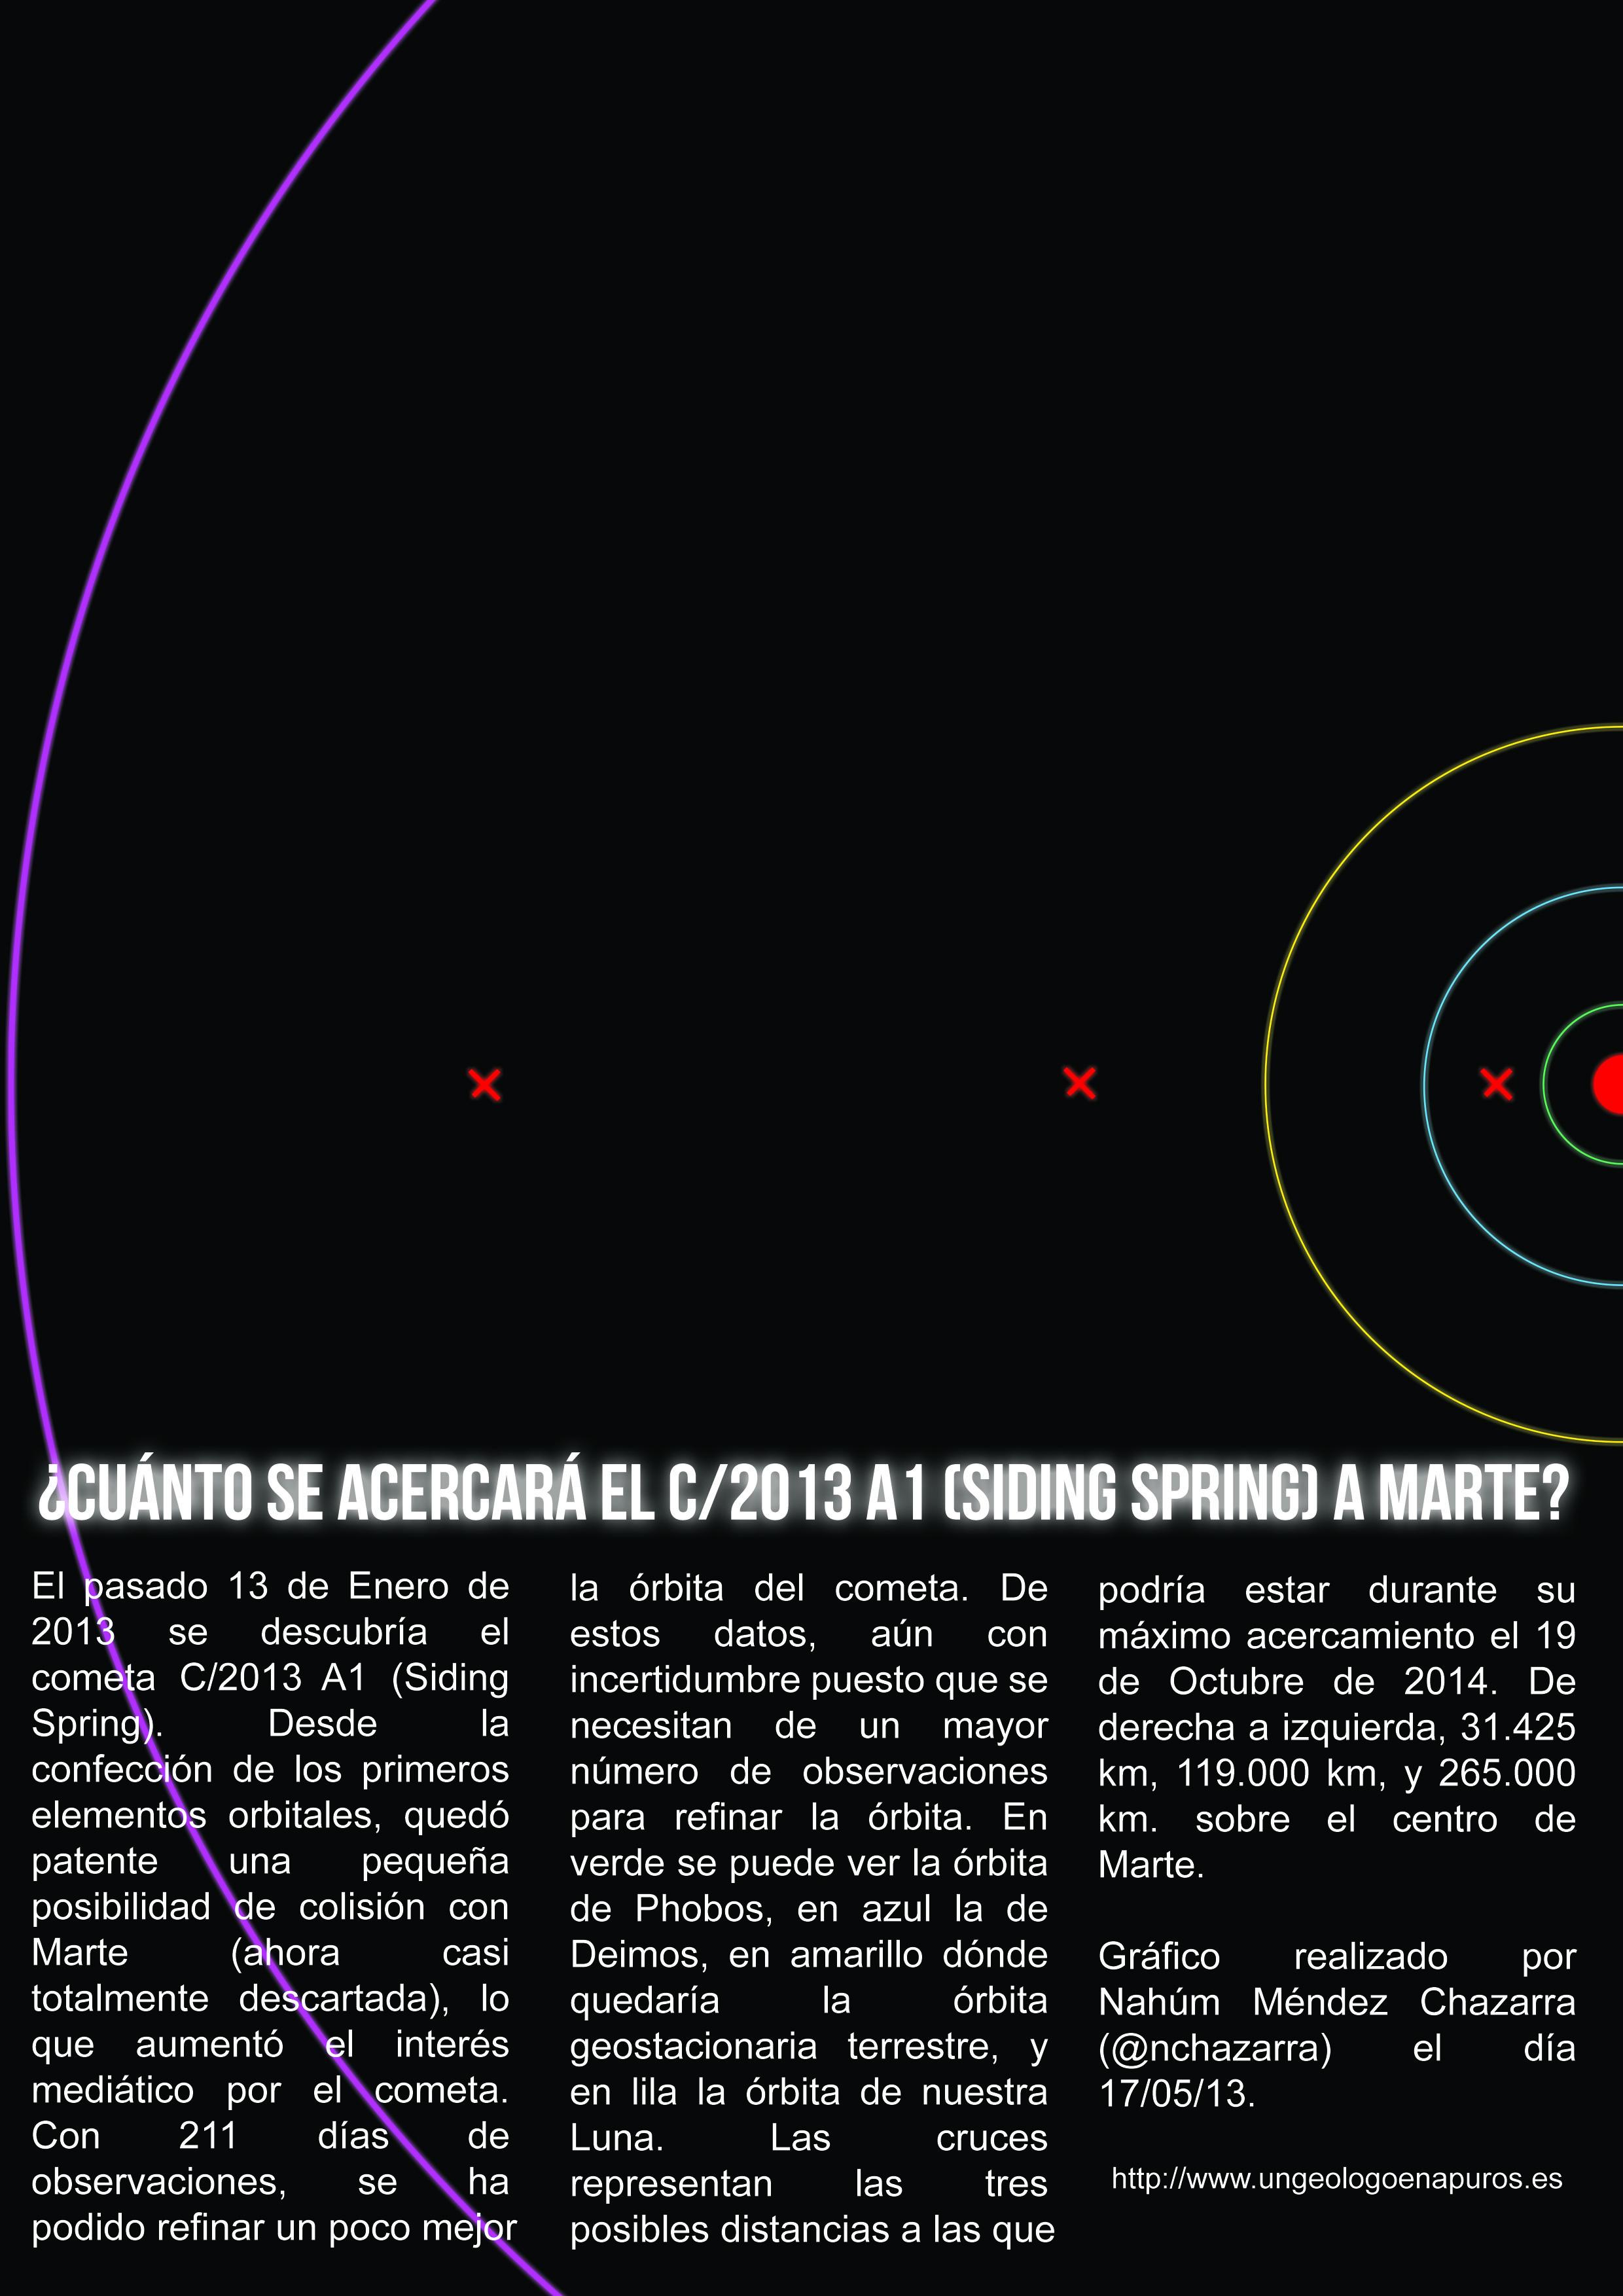 ¿Cuánto se acercará el C/2013 A1 (Siding Spring) a Marte?